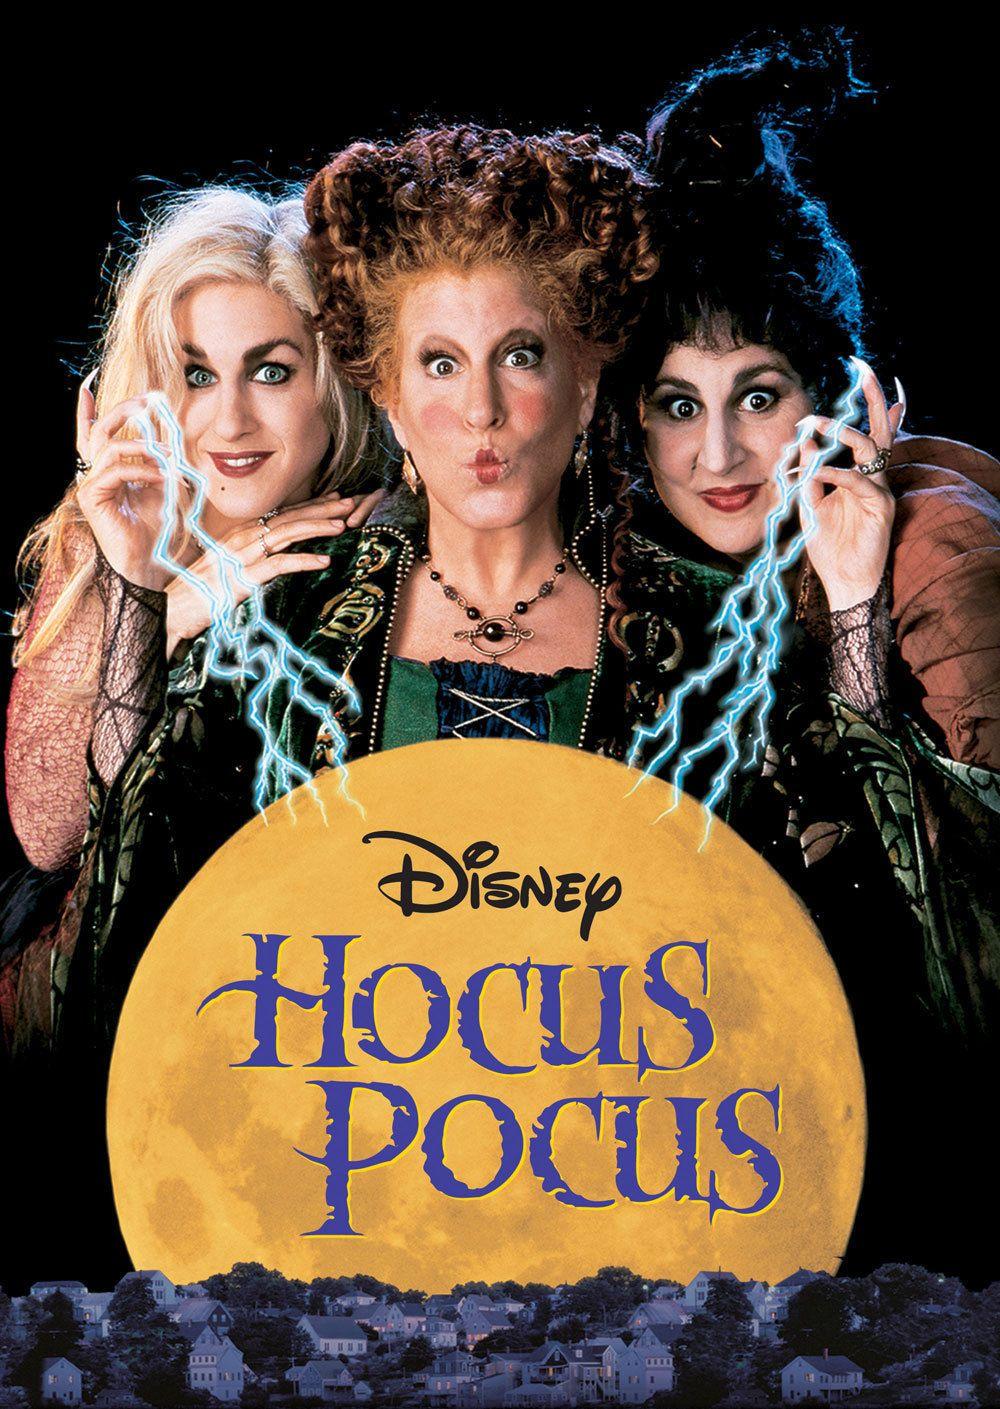 hocus pocus - a halloween favorite | movie & tv show queen in 2018